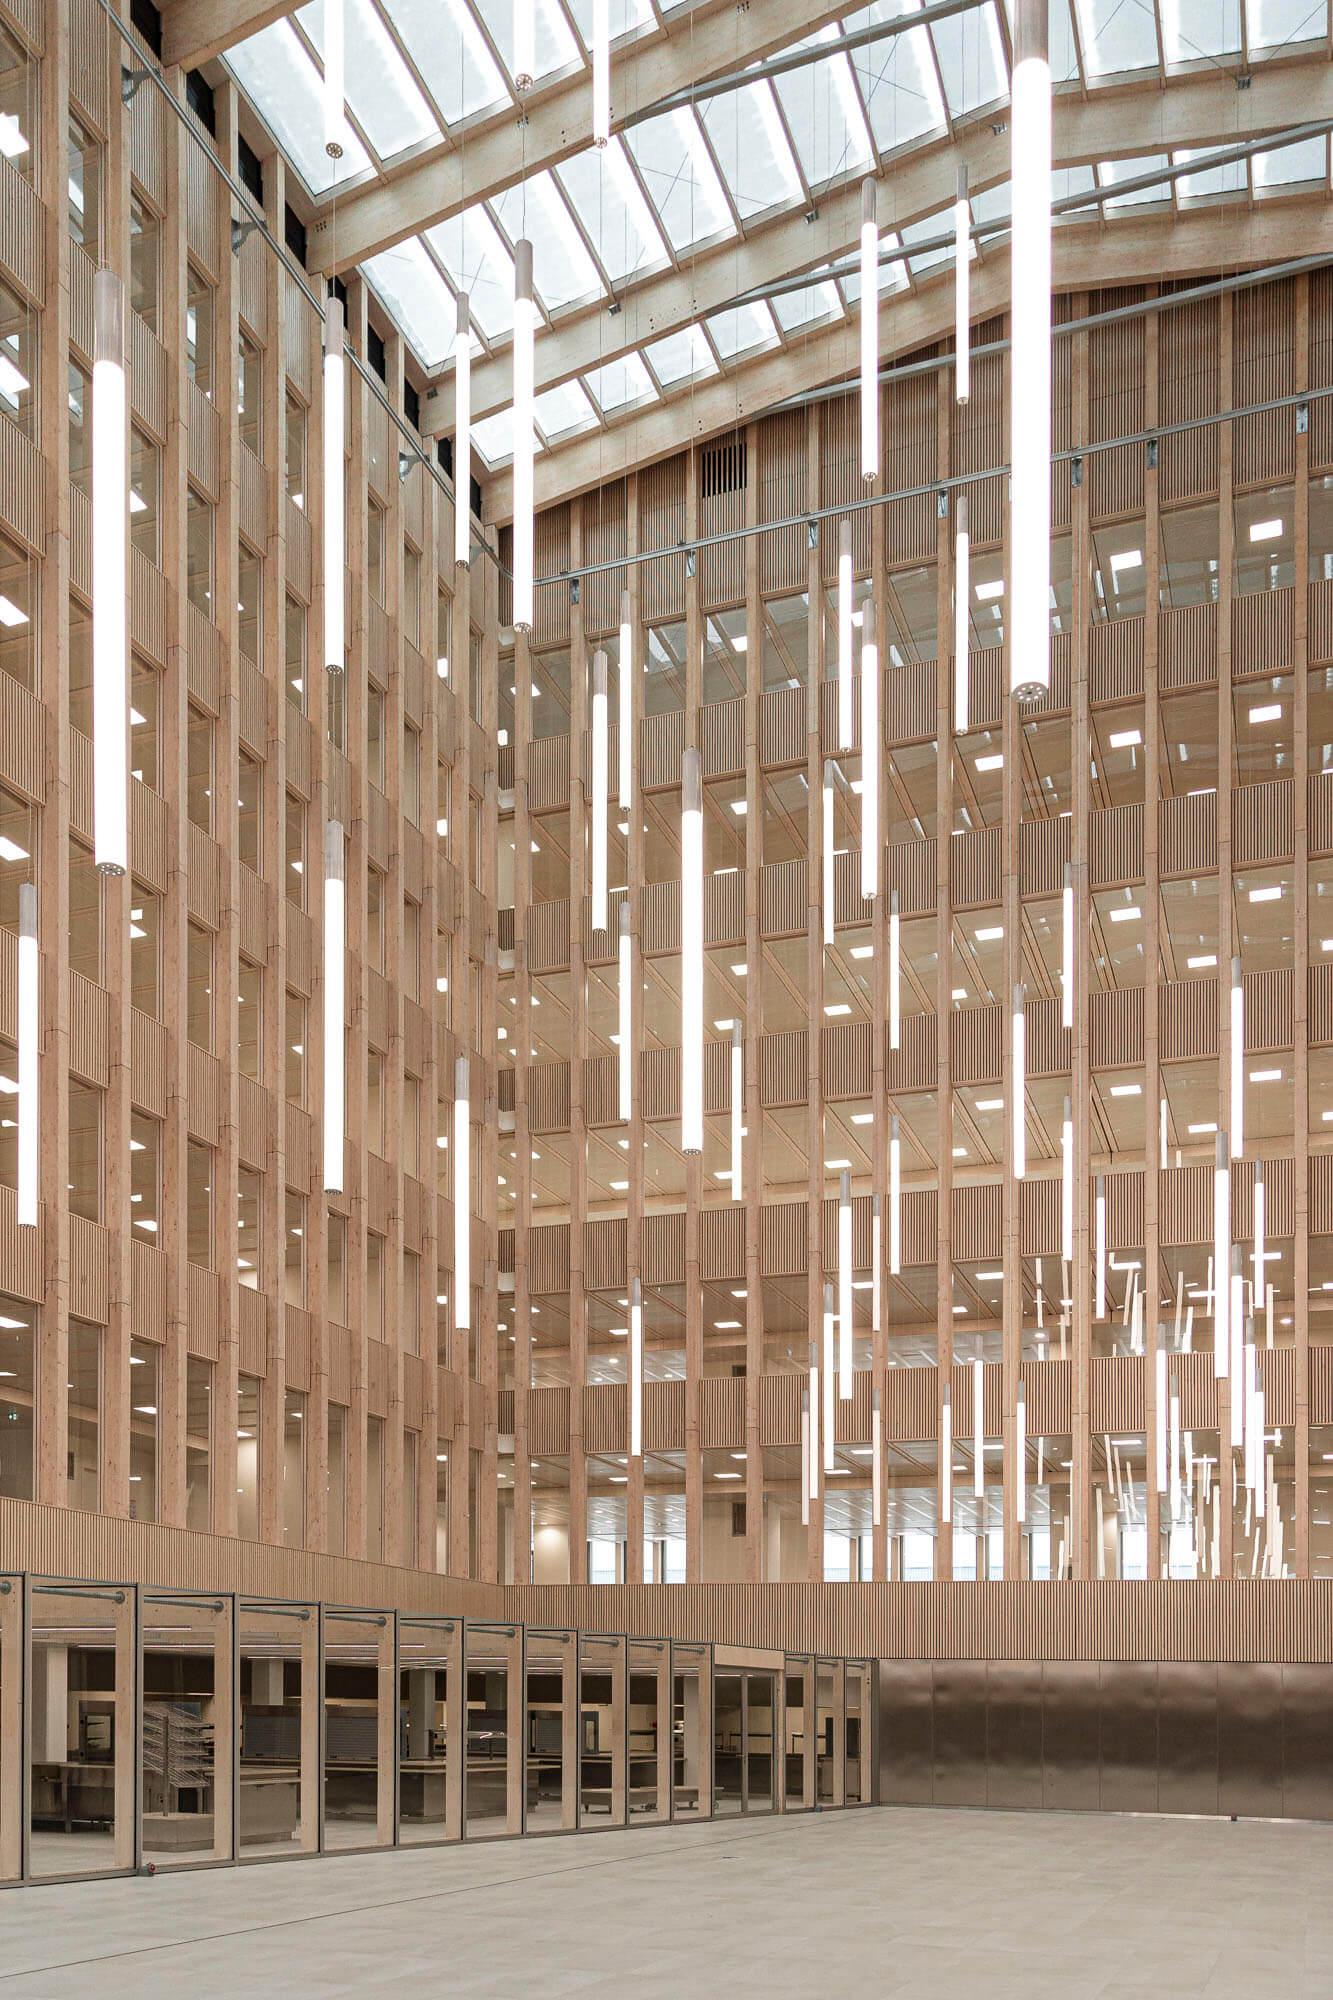 architecture photographie photographe paris BFV pulse equerre argent Come bocabeille studio cob architecture paris photo